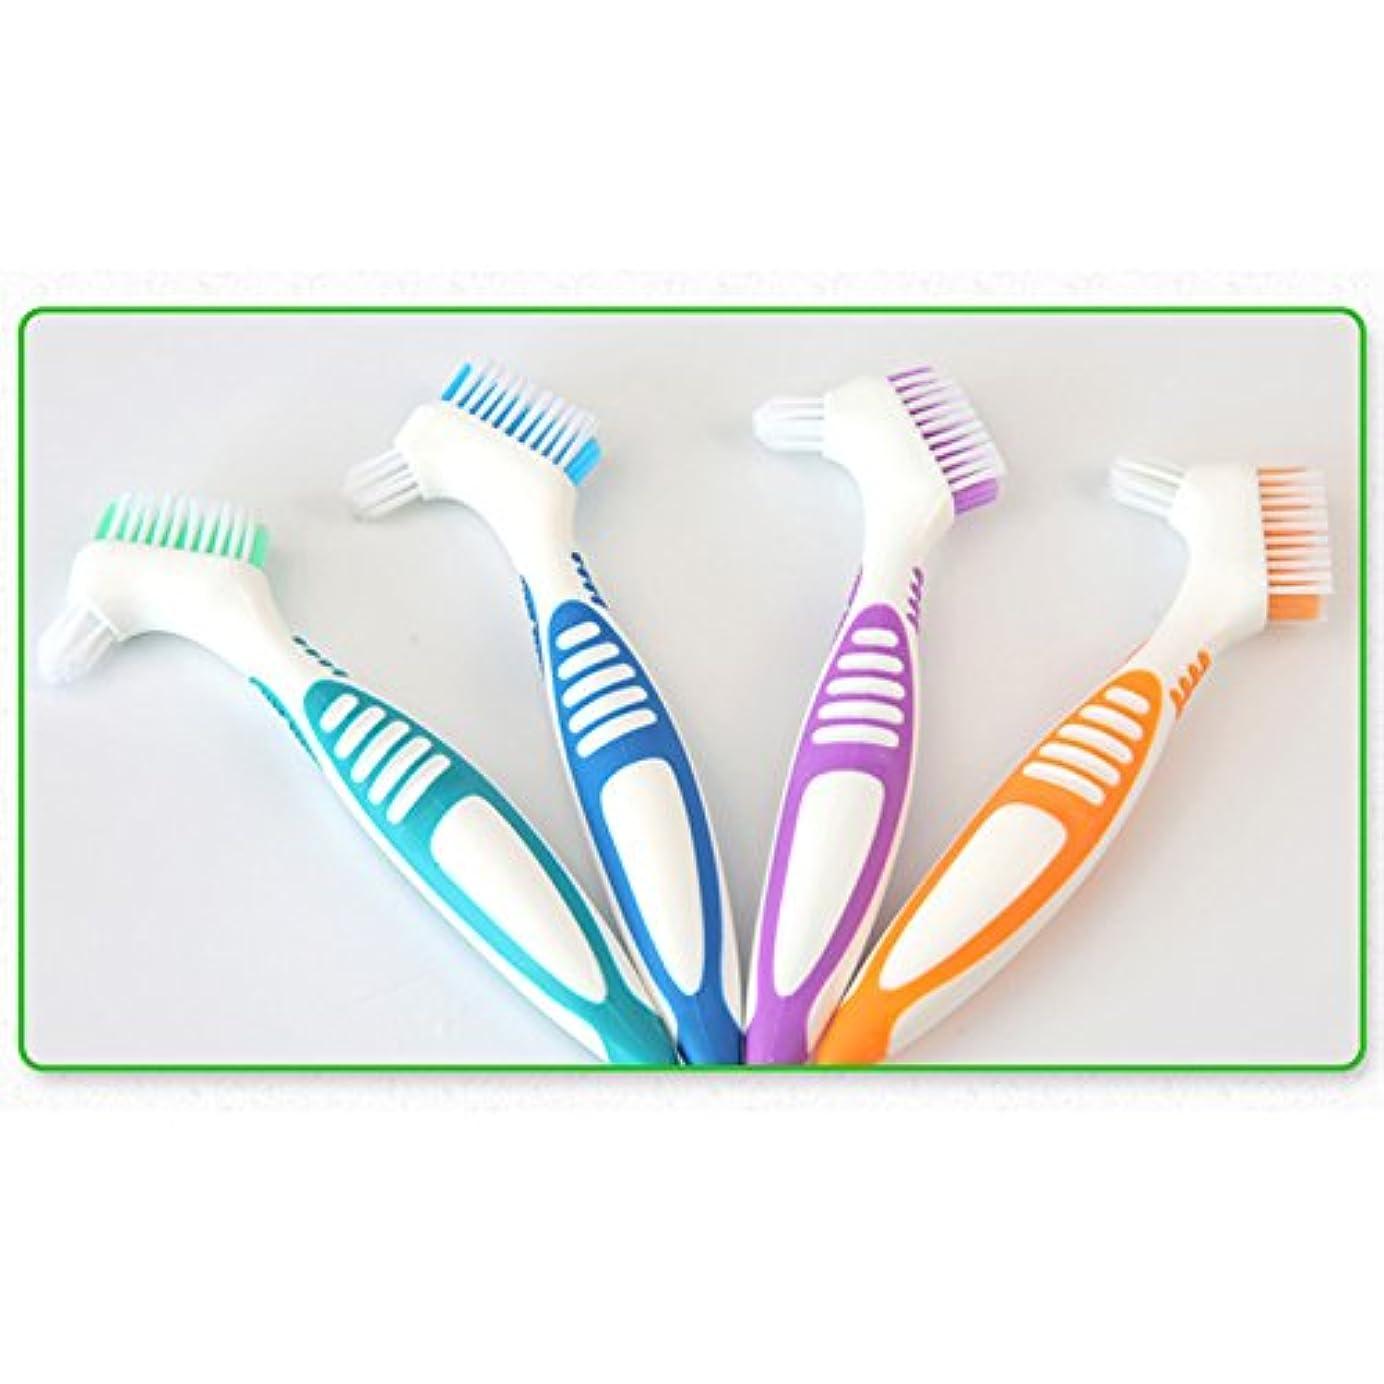 支払い要求するポルティコLiebeye 偽歯ブラシ 口腔ケアツール 歯洗浄 ブラシポータブル 多層ブリストル ブルー